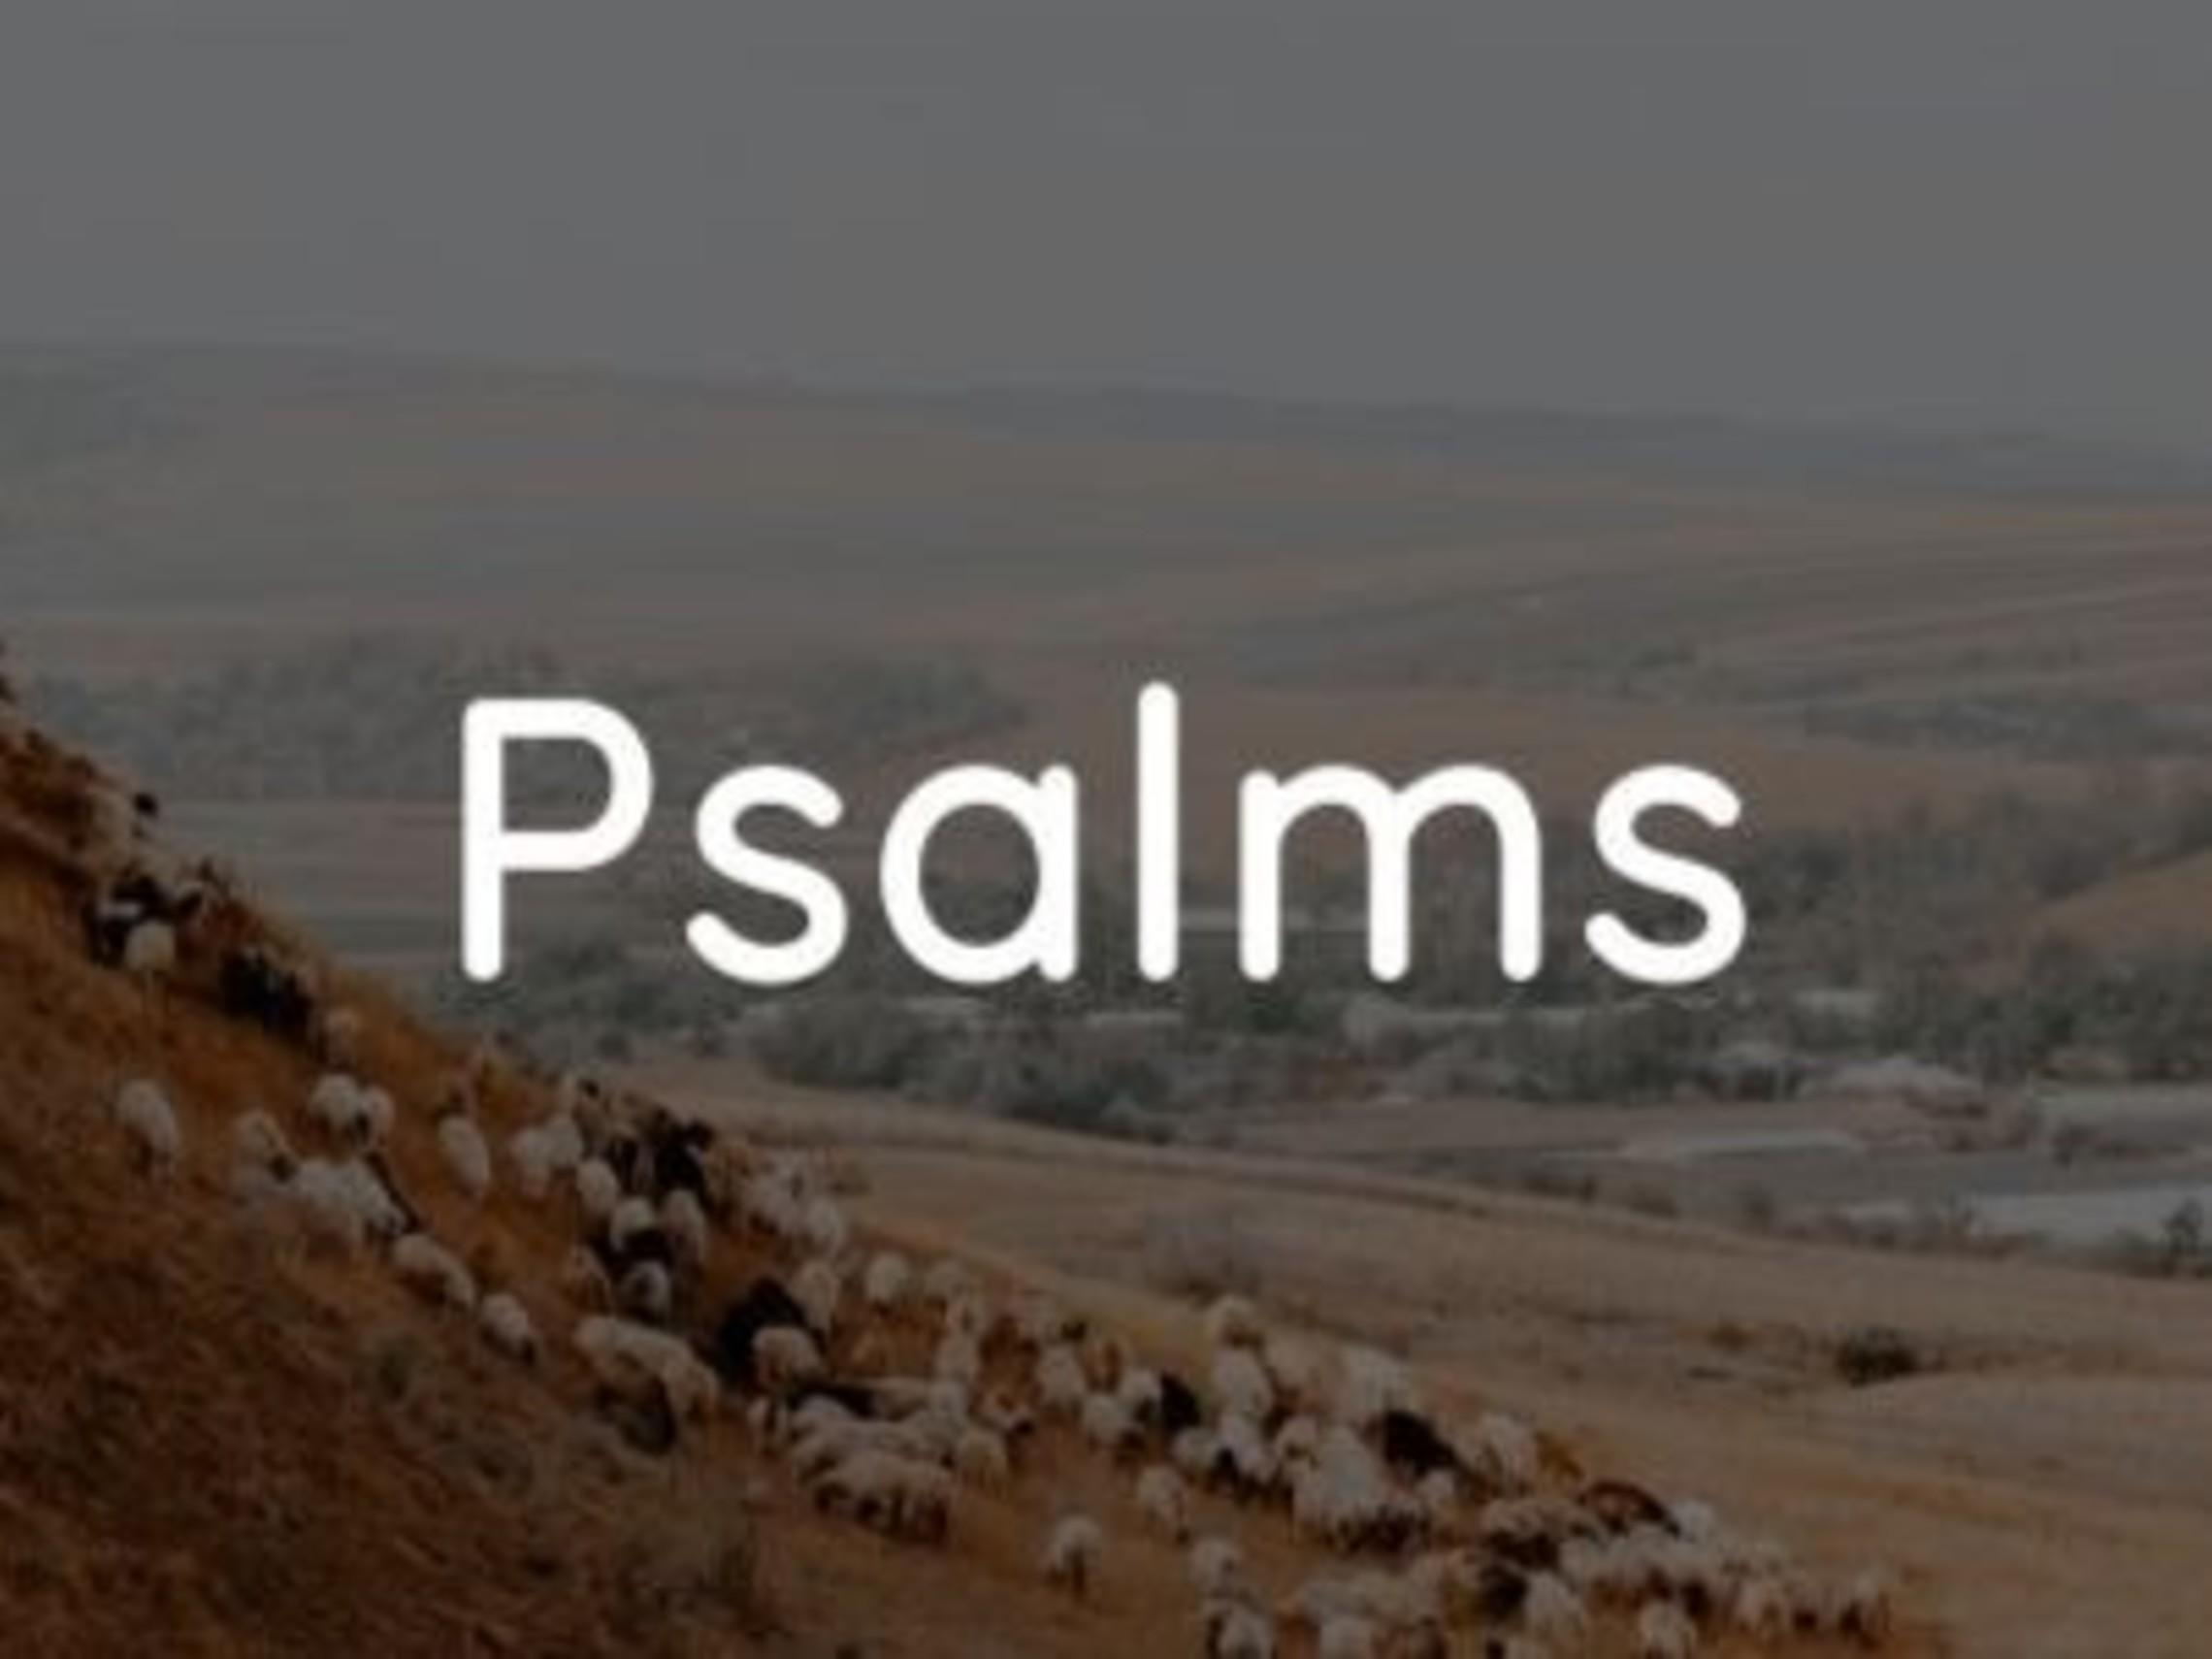 Psalms   Og   400 X 300